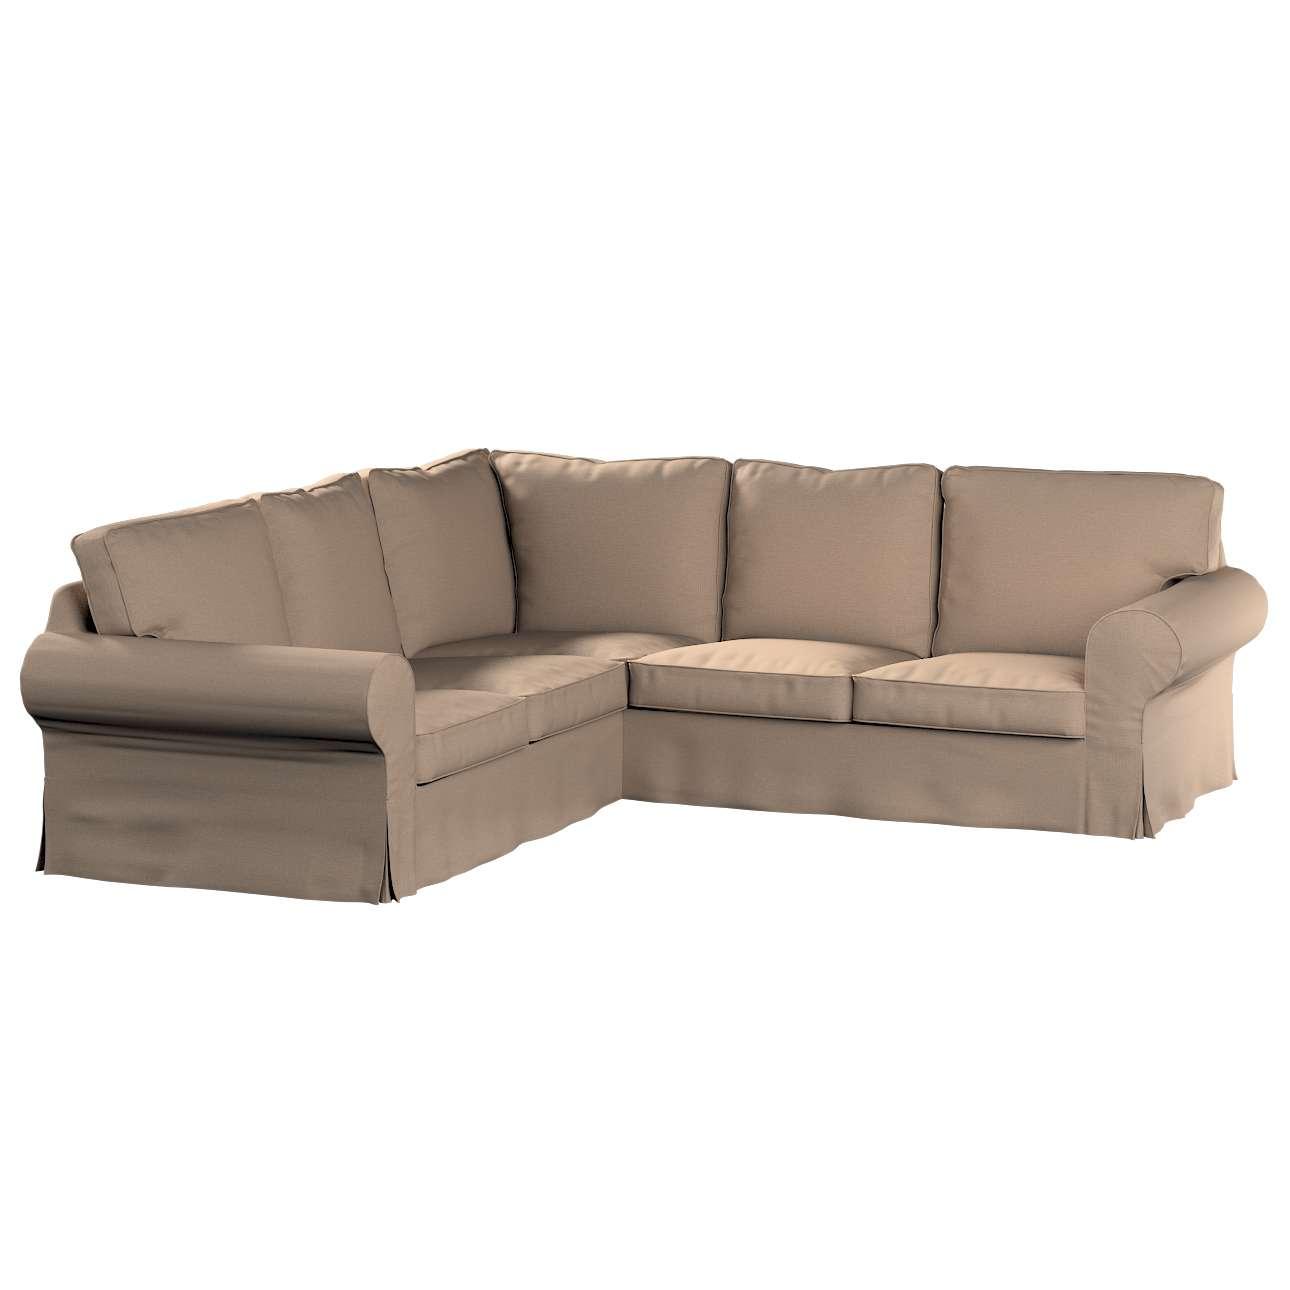 Pokrowiec na sofę narożną Ektorp w kolekcji Bergen, tkanina: 161-75